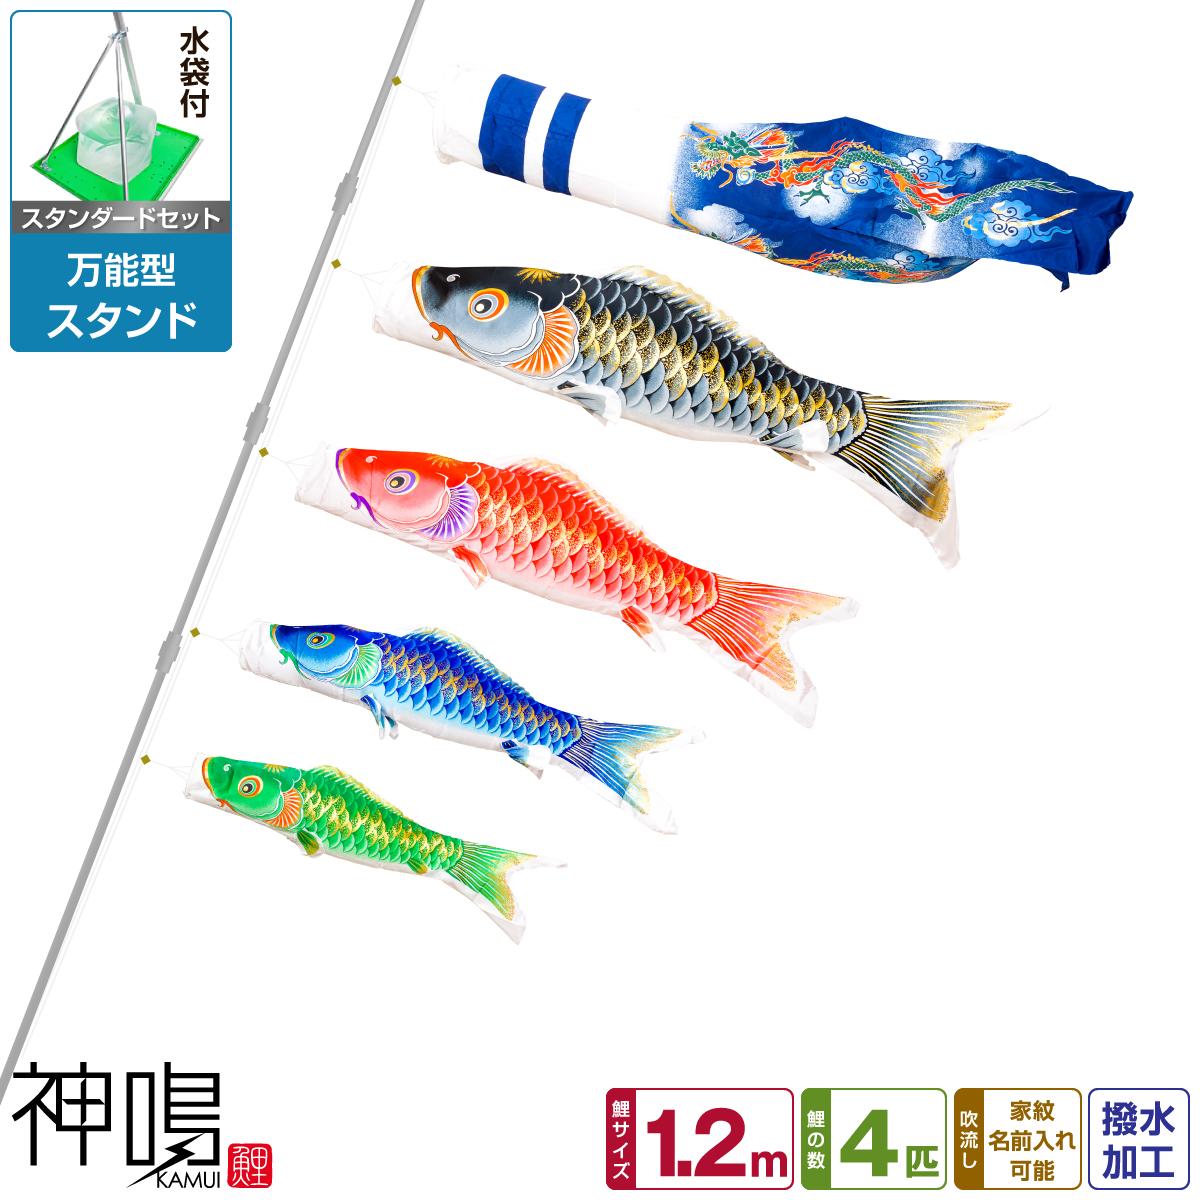 鯉のぼり ベランダ/庭/兼用 神鳴鯉-KAMUI- 1.2m 7点(吹流し+鯉4匹+矢車+ロープ)/スタンダードセット(万能スタンド)